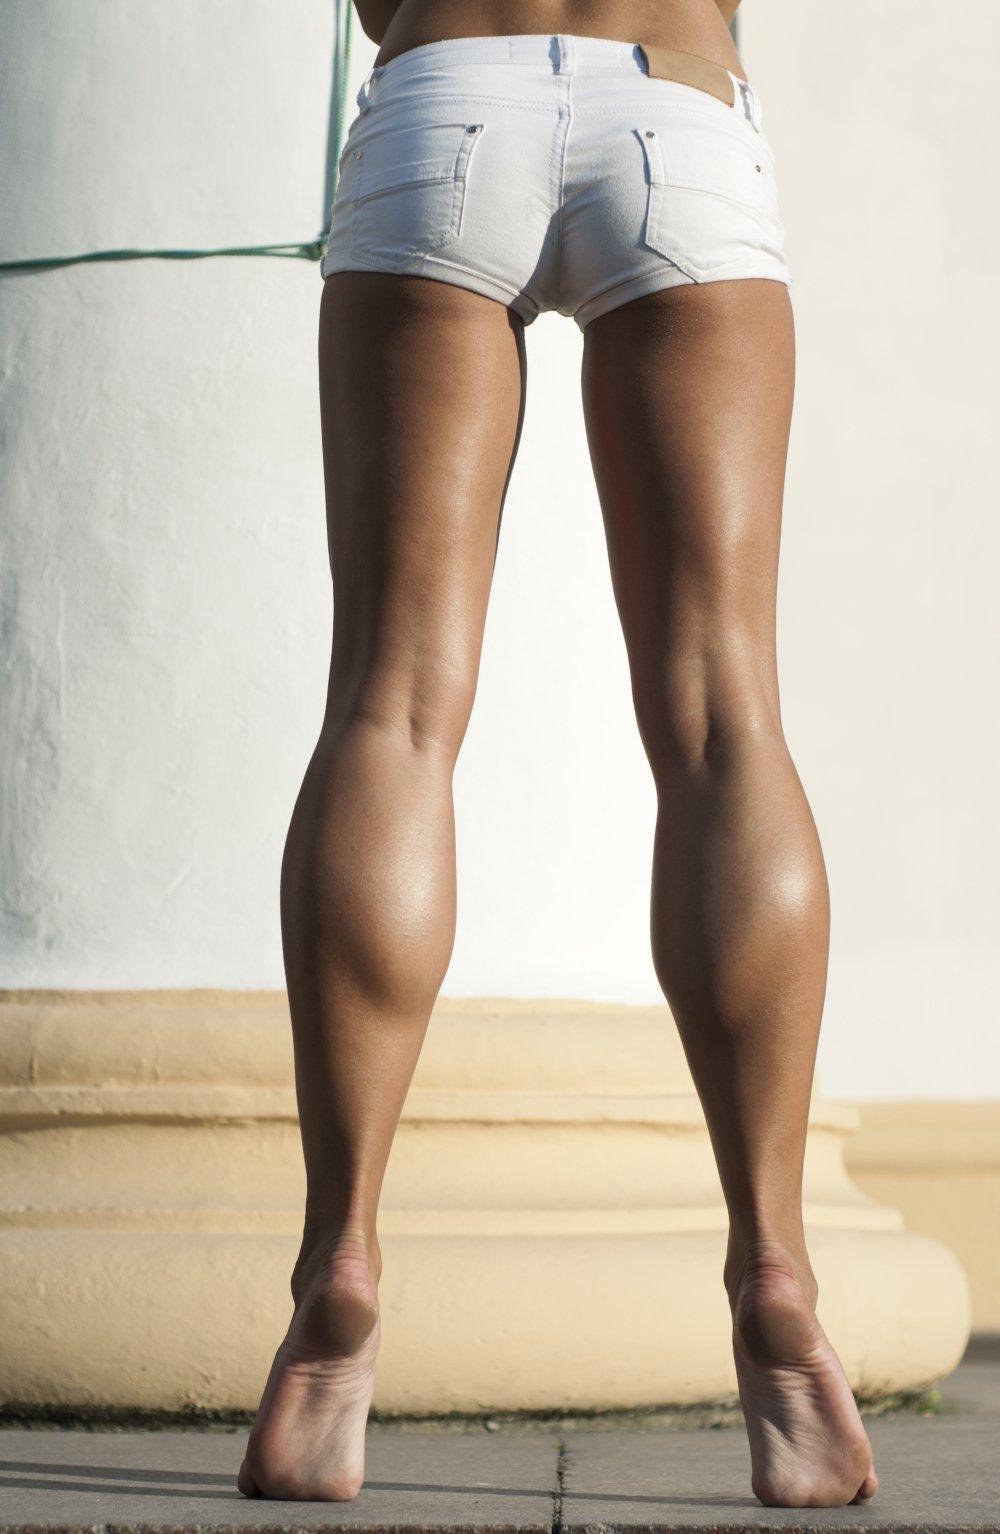 Женские икры на ногах фото